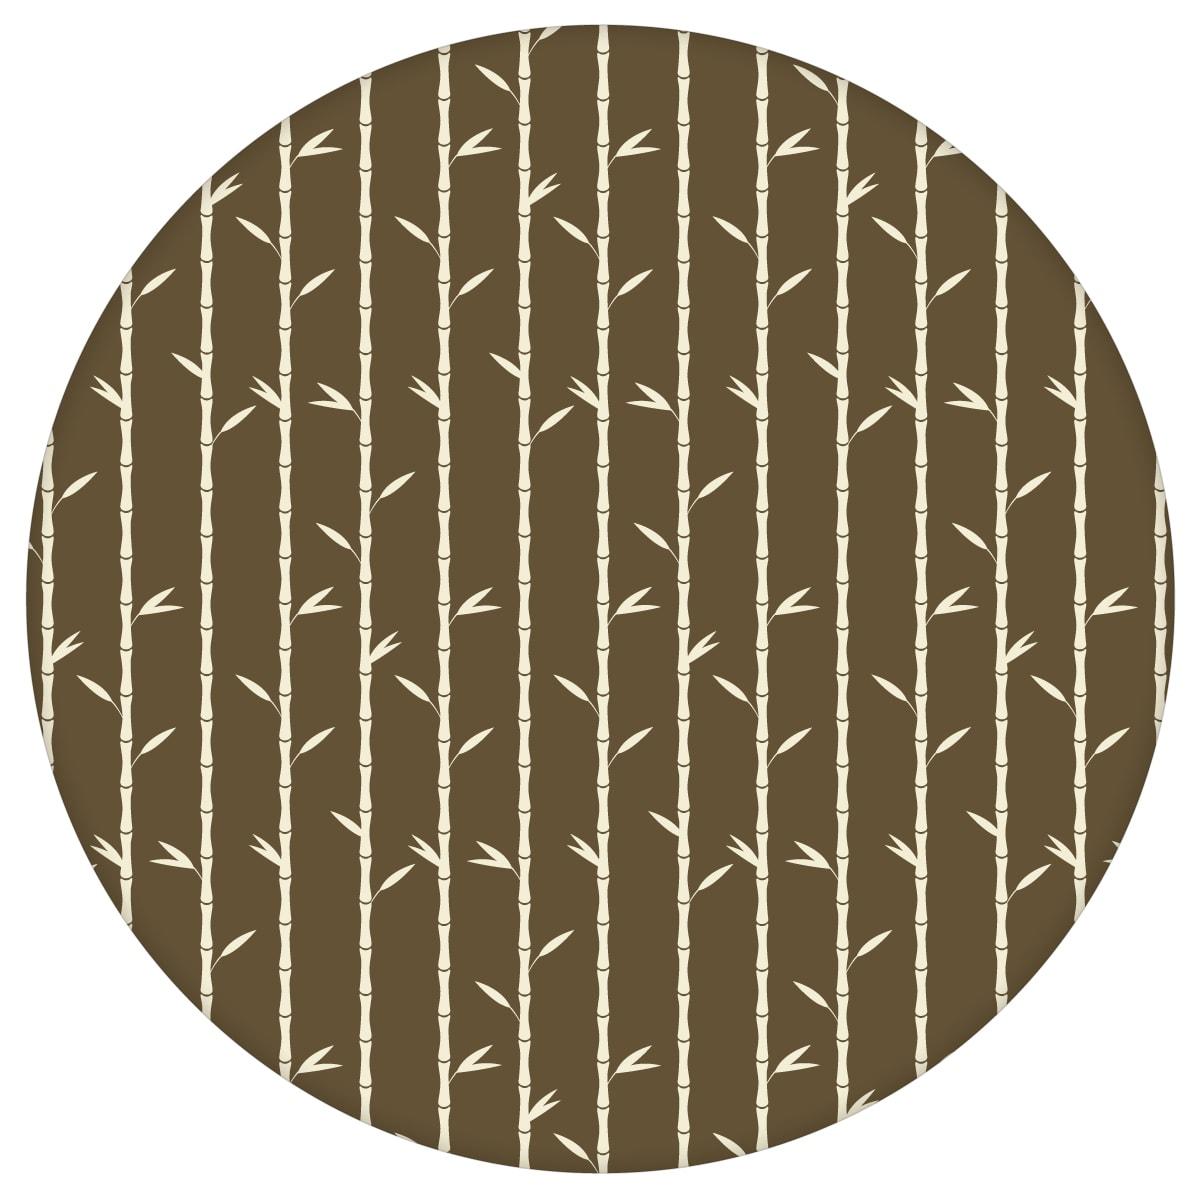 """Grafik Tapete """"Bamboo Garden"""" mit Bambus, braune schöne Wanddeko Blumentapete für Schlafzimmeraus dem GMM-BERLIN.com Sortiment: braune Tapete zur Raumgestaltung: #00163 #blumen #Blumentapete #braun #Braune Tapeten #kakadu #obst #schlafzimmer #sommer #tropisch #Vogel #Zitrone für individuelles Interiordesign"""